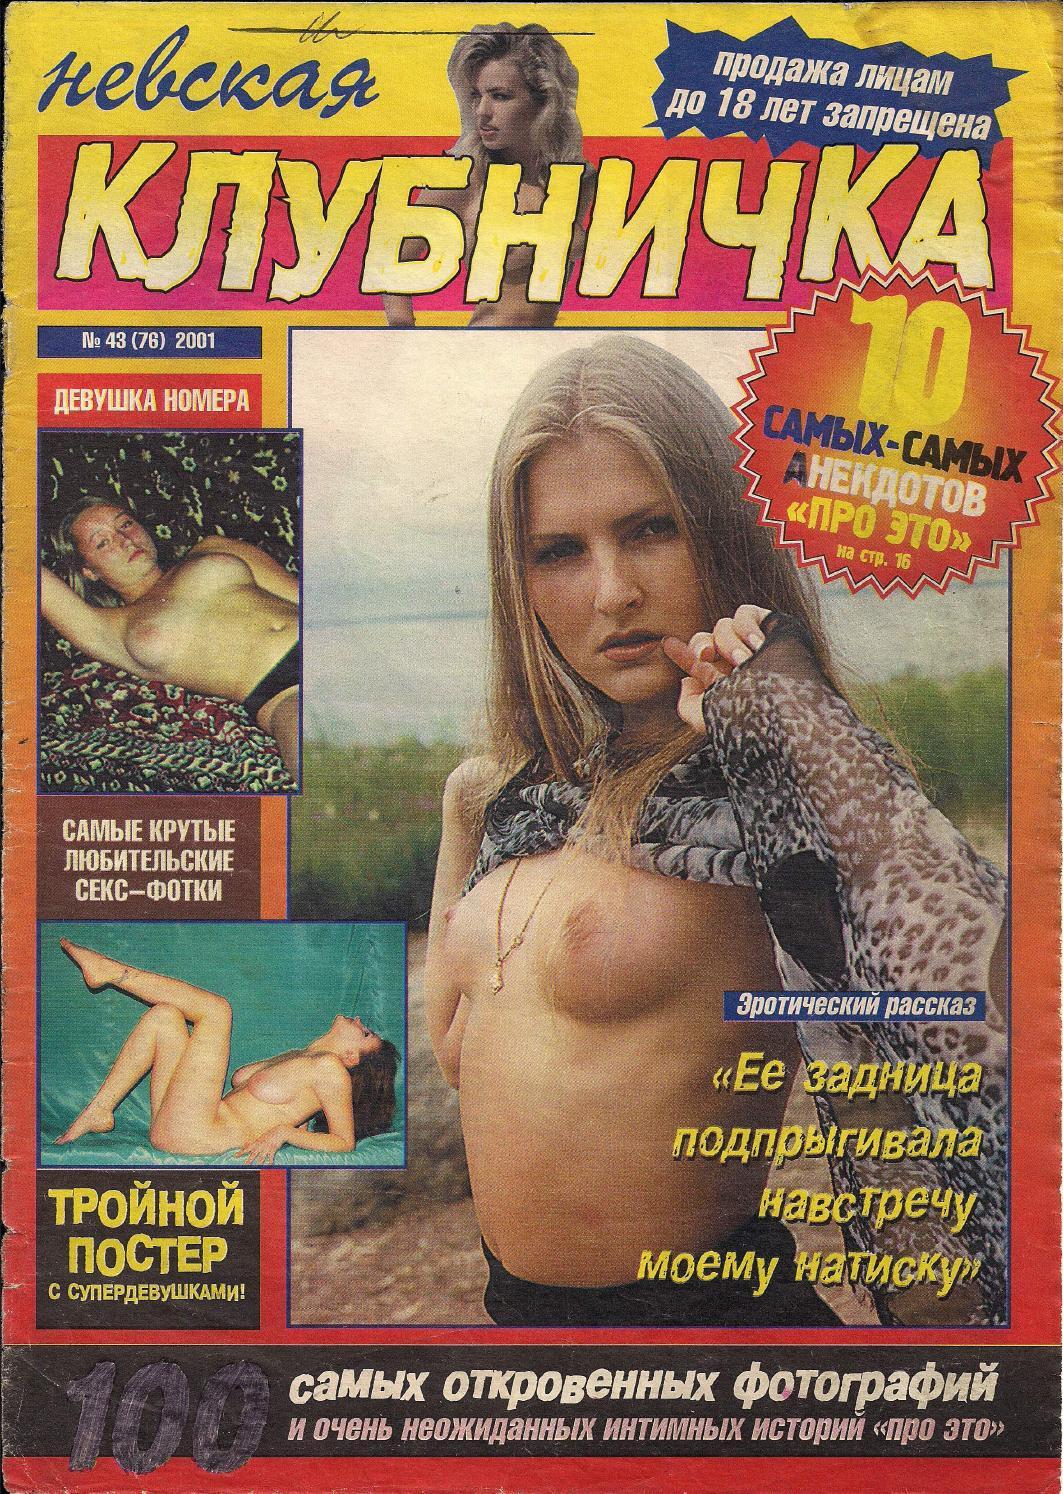 Смотреть фото с журнала невская клубничка 12 фотография